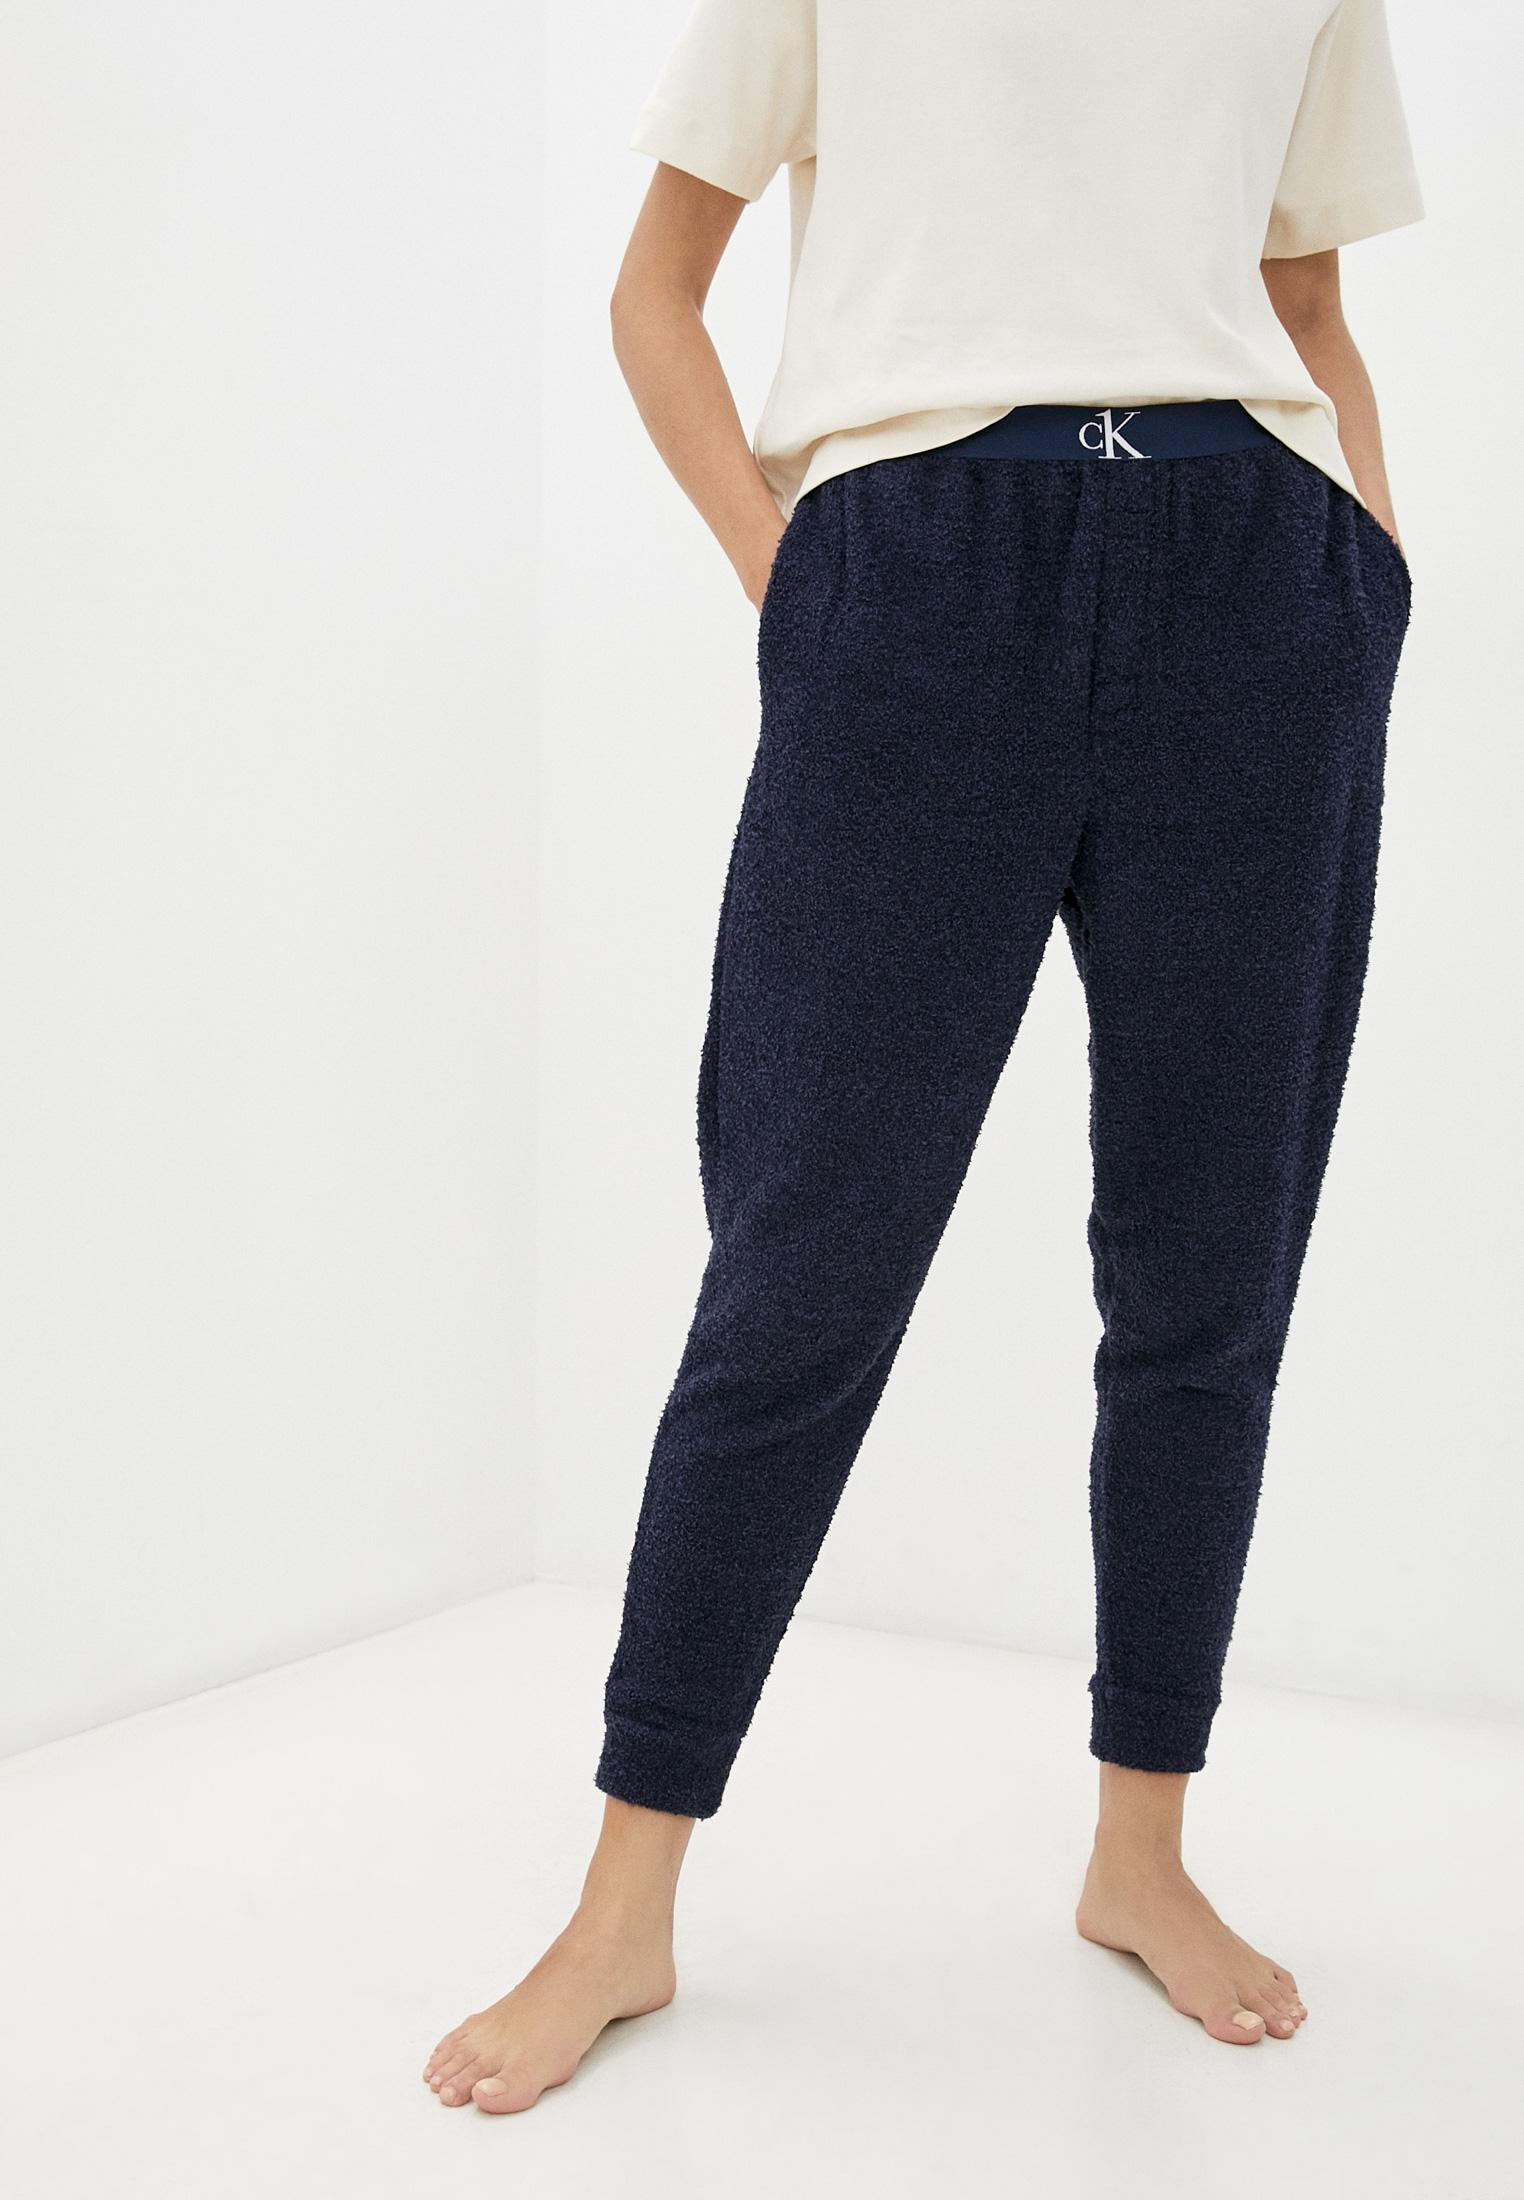 Мужские домашние брюки Calvin Klein Underwear Брюки домашние Calvin Klein Underwear